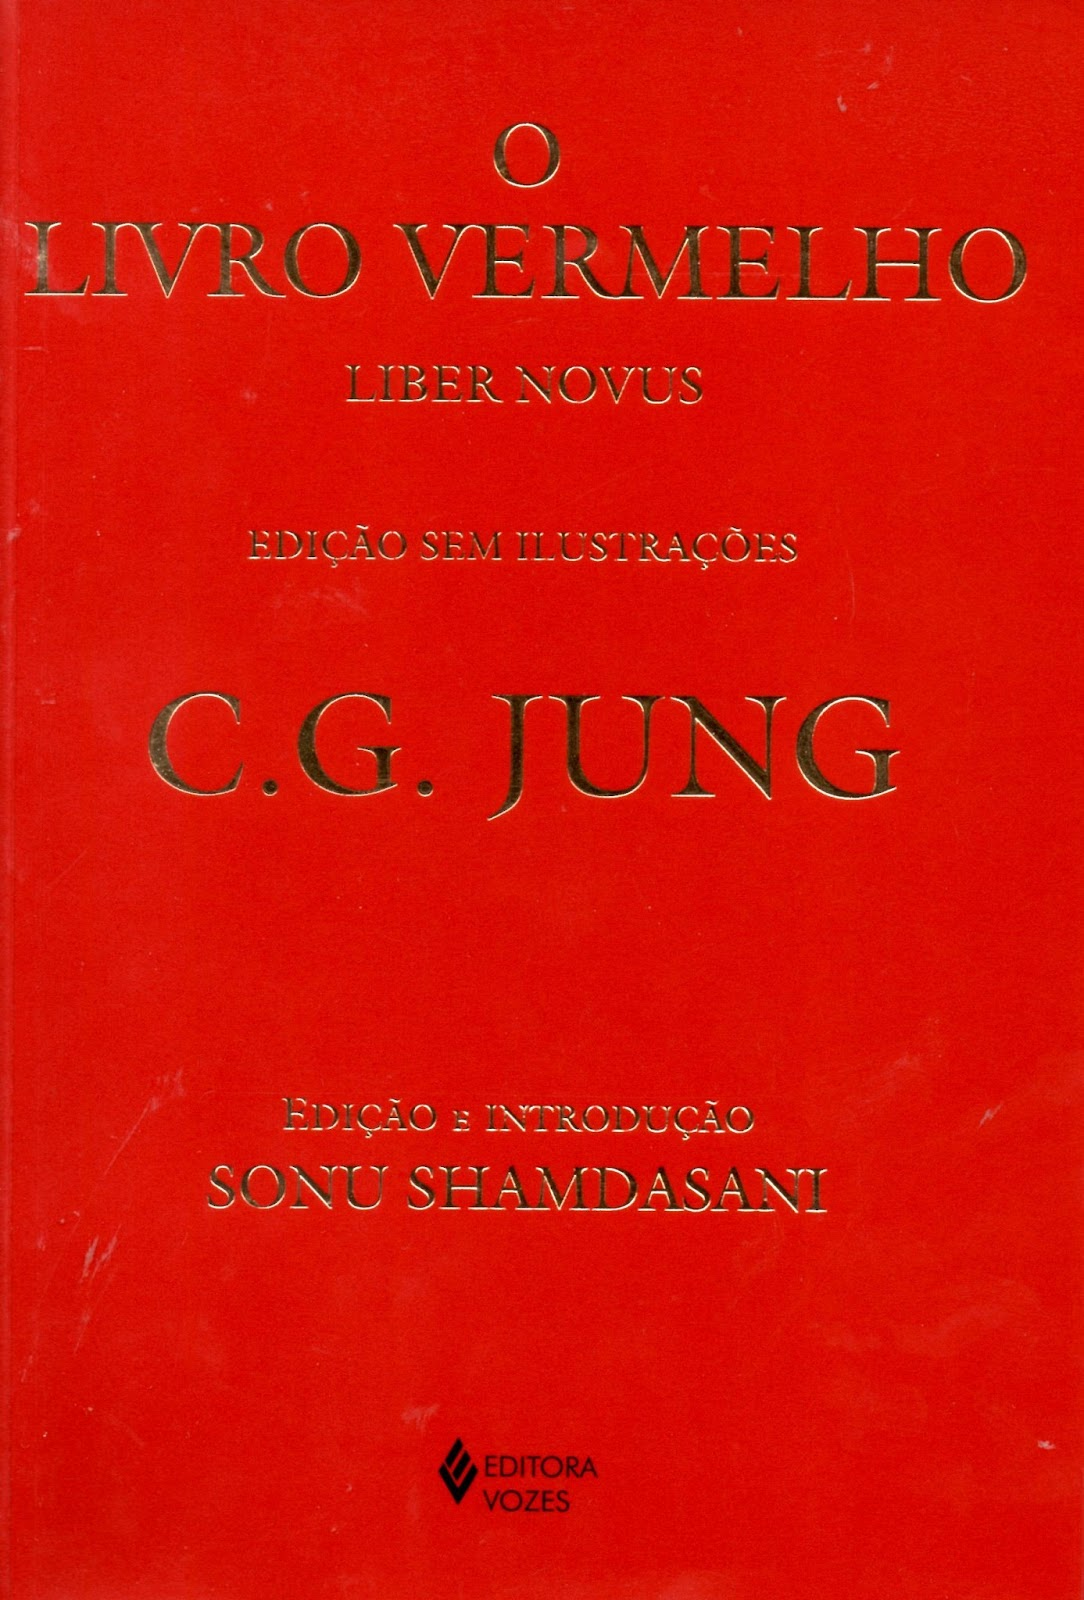 Livro Vermelho O - Carl Gustav Jung